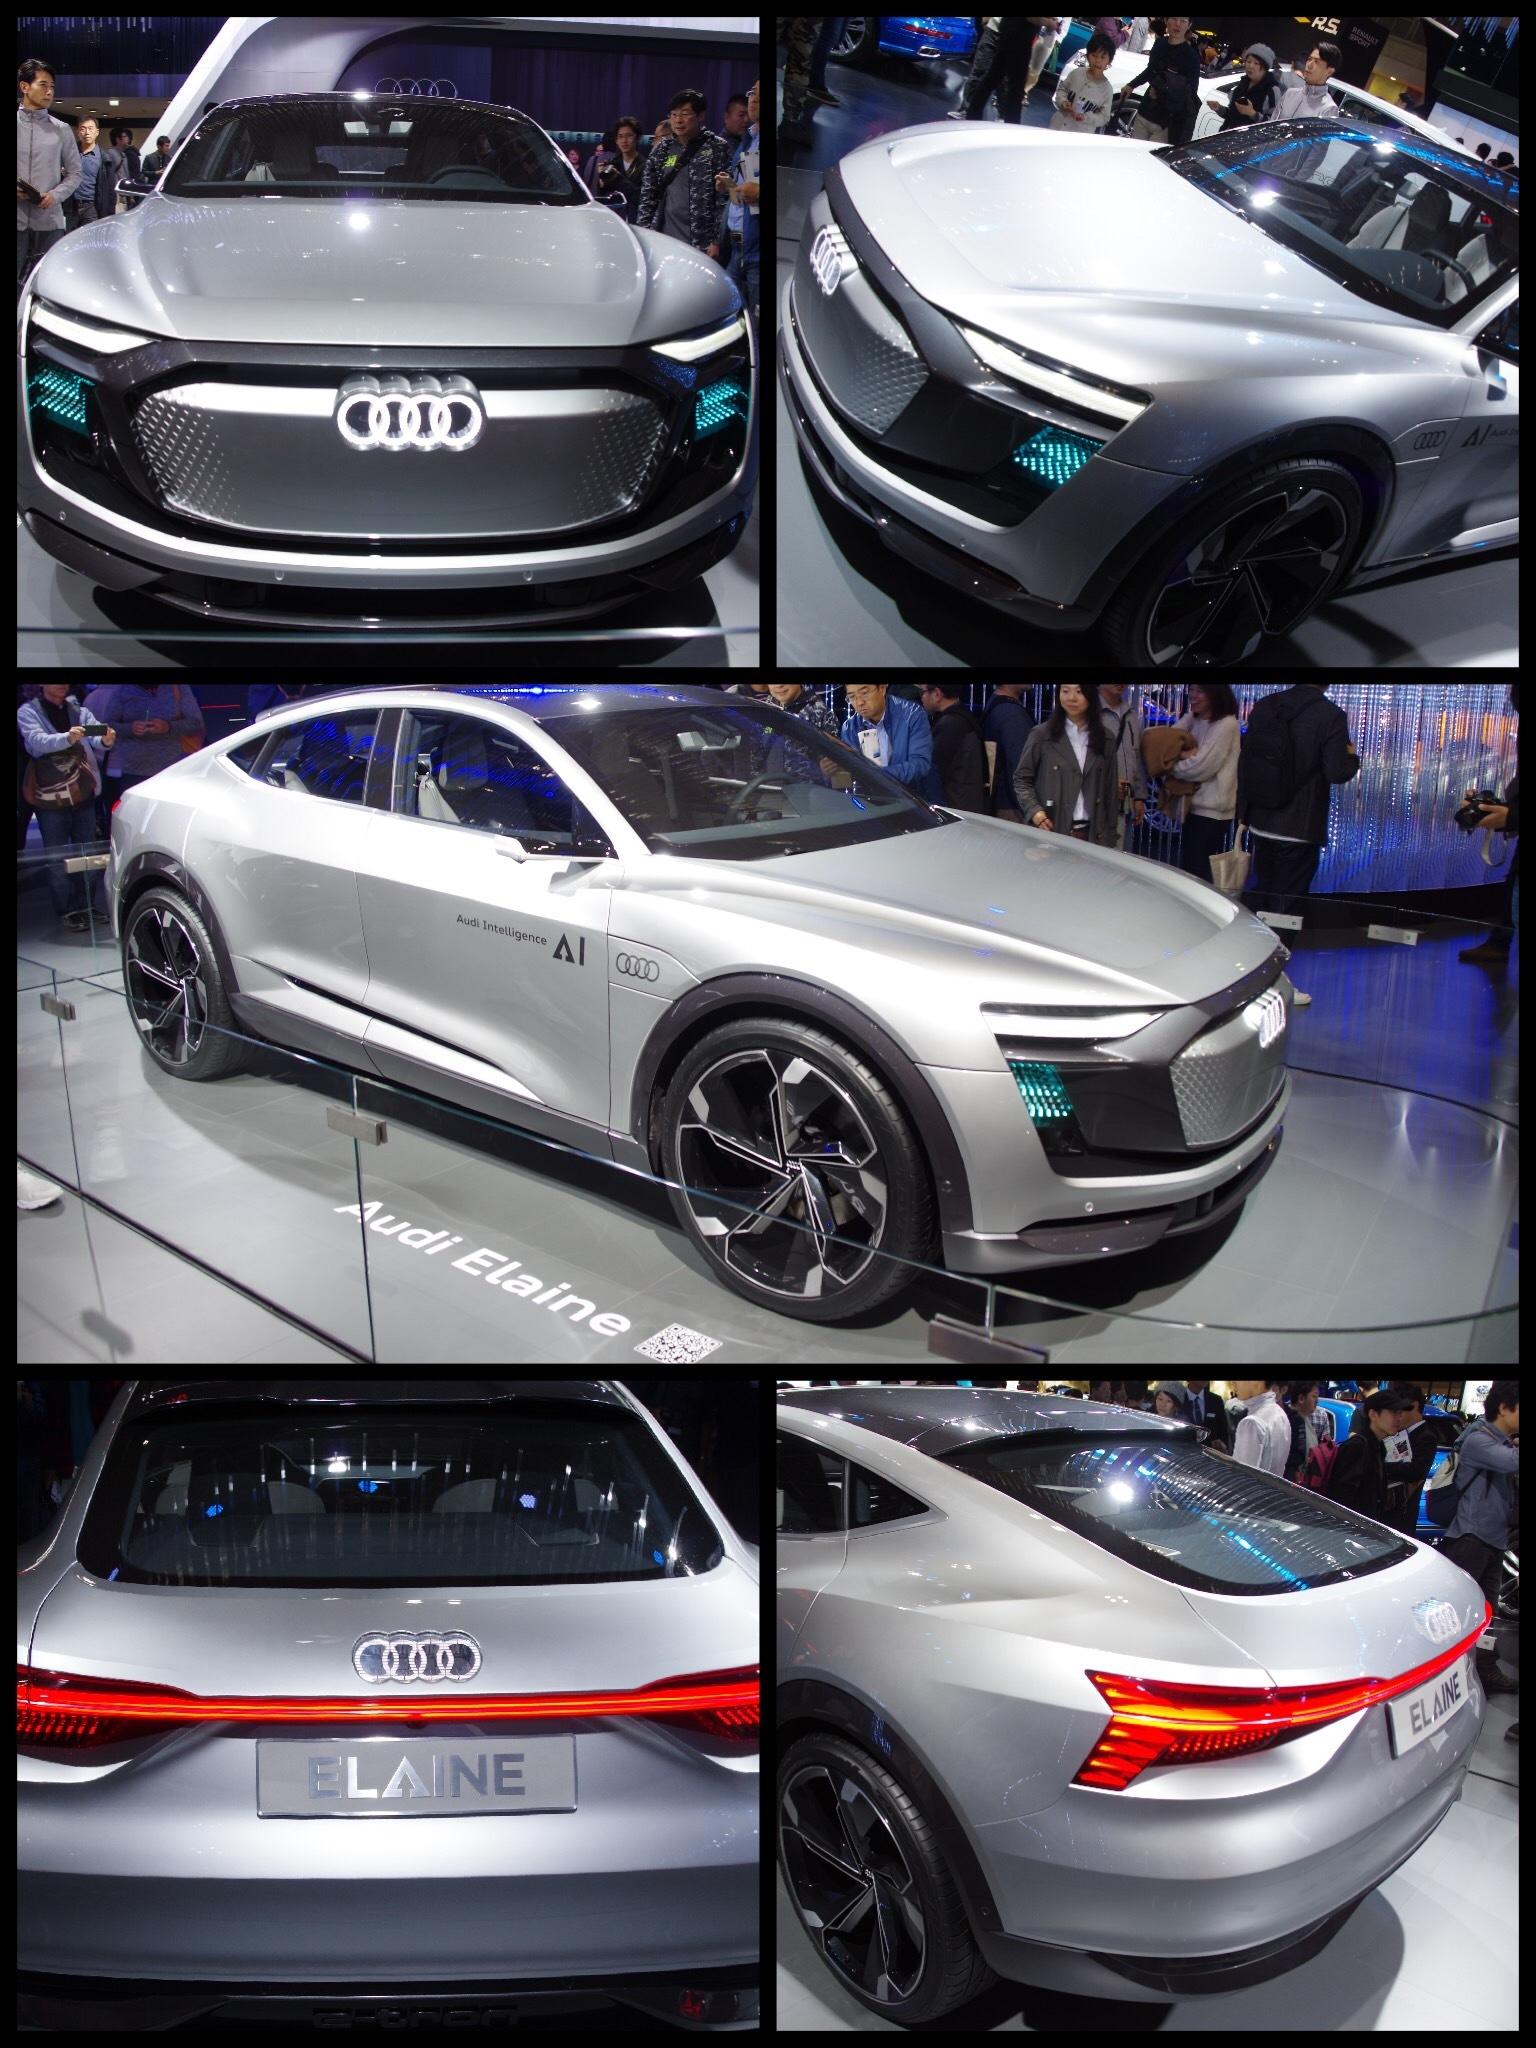 東京モーターショー2017 AUDI Eleine concept